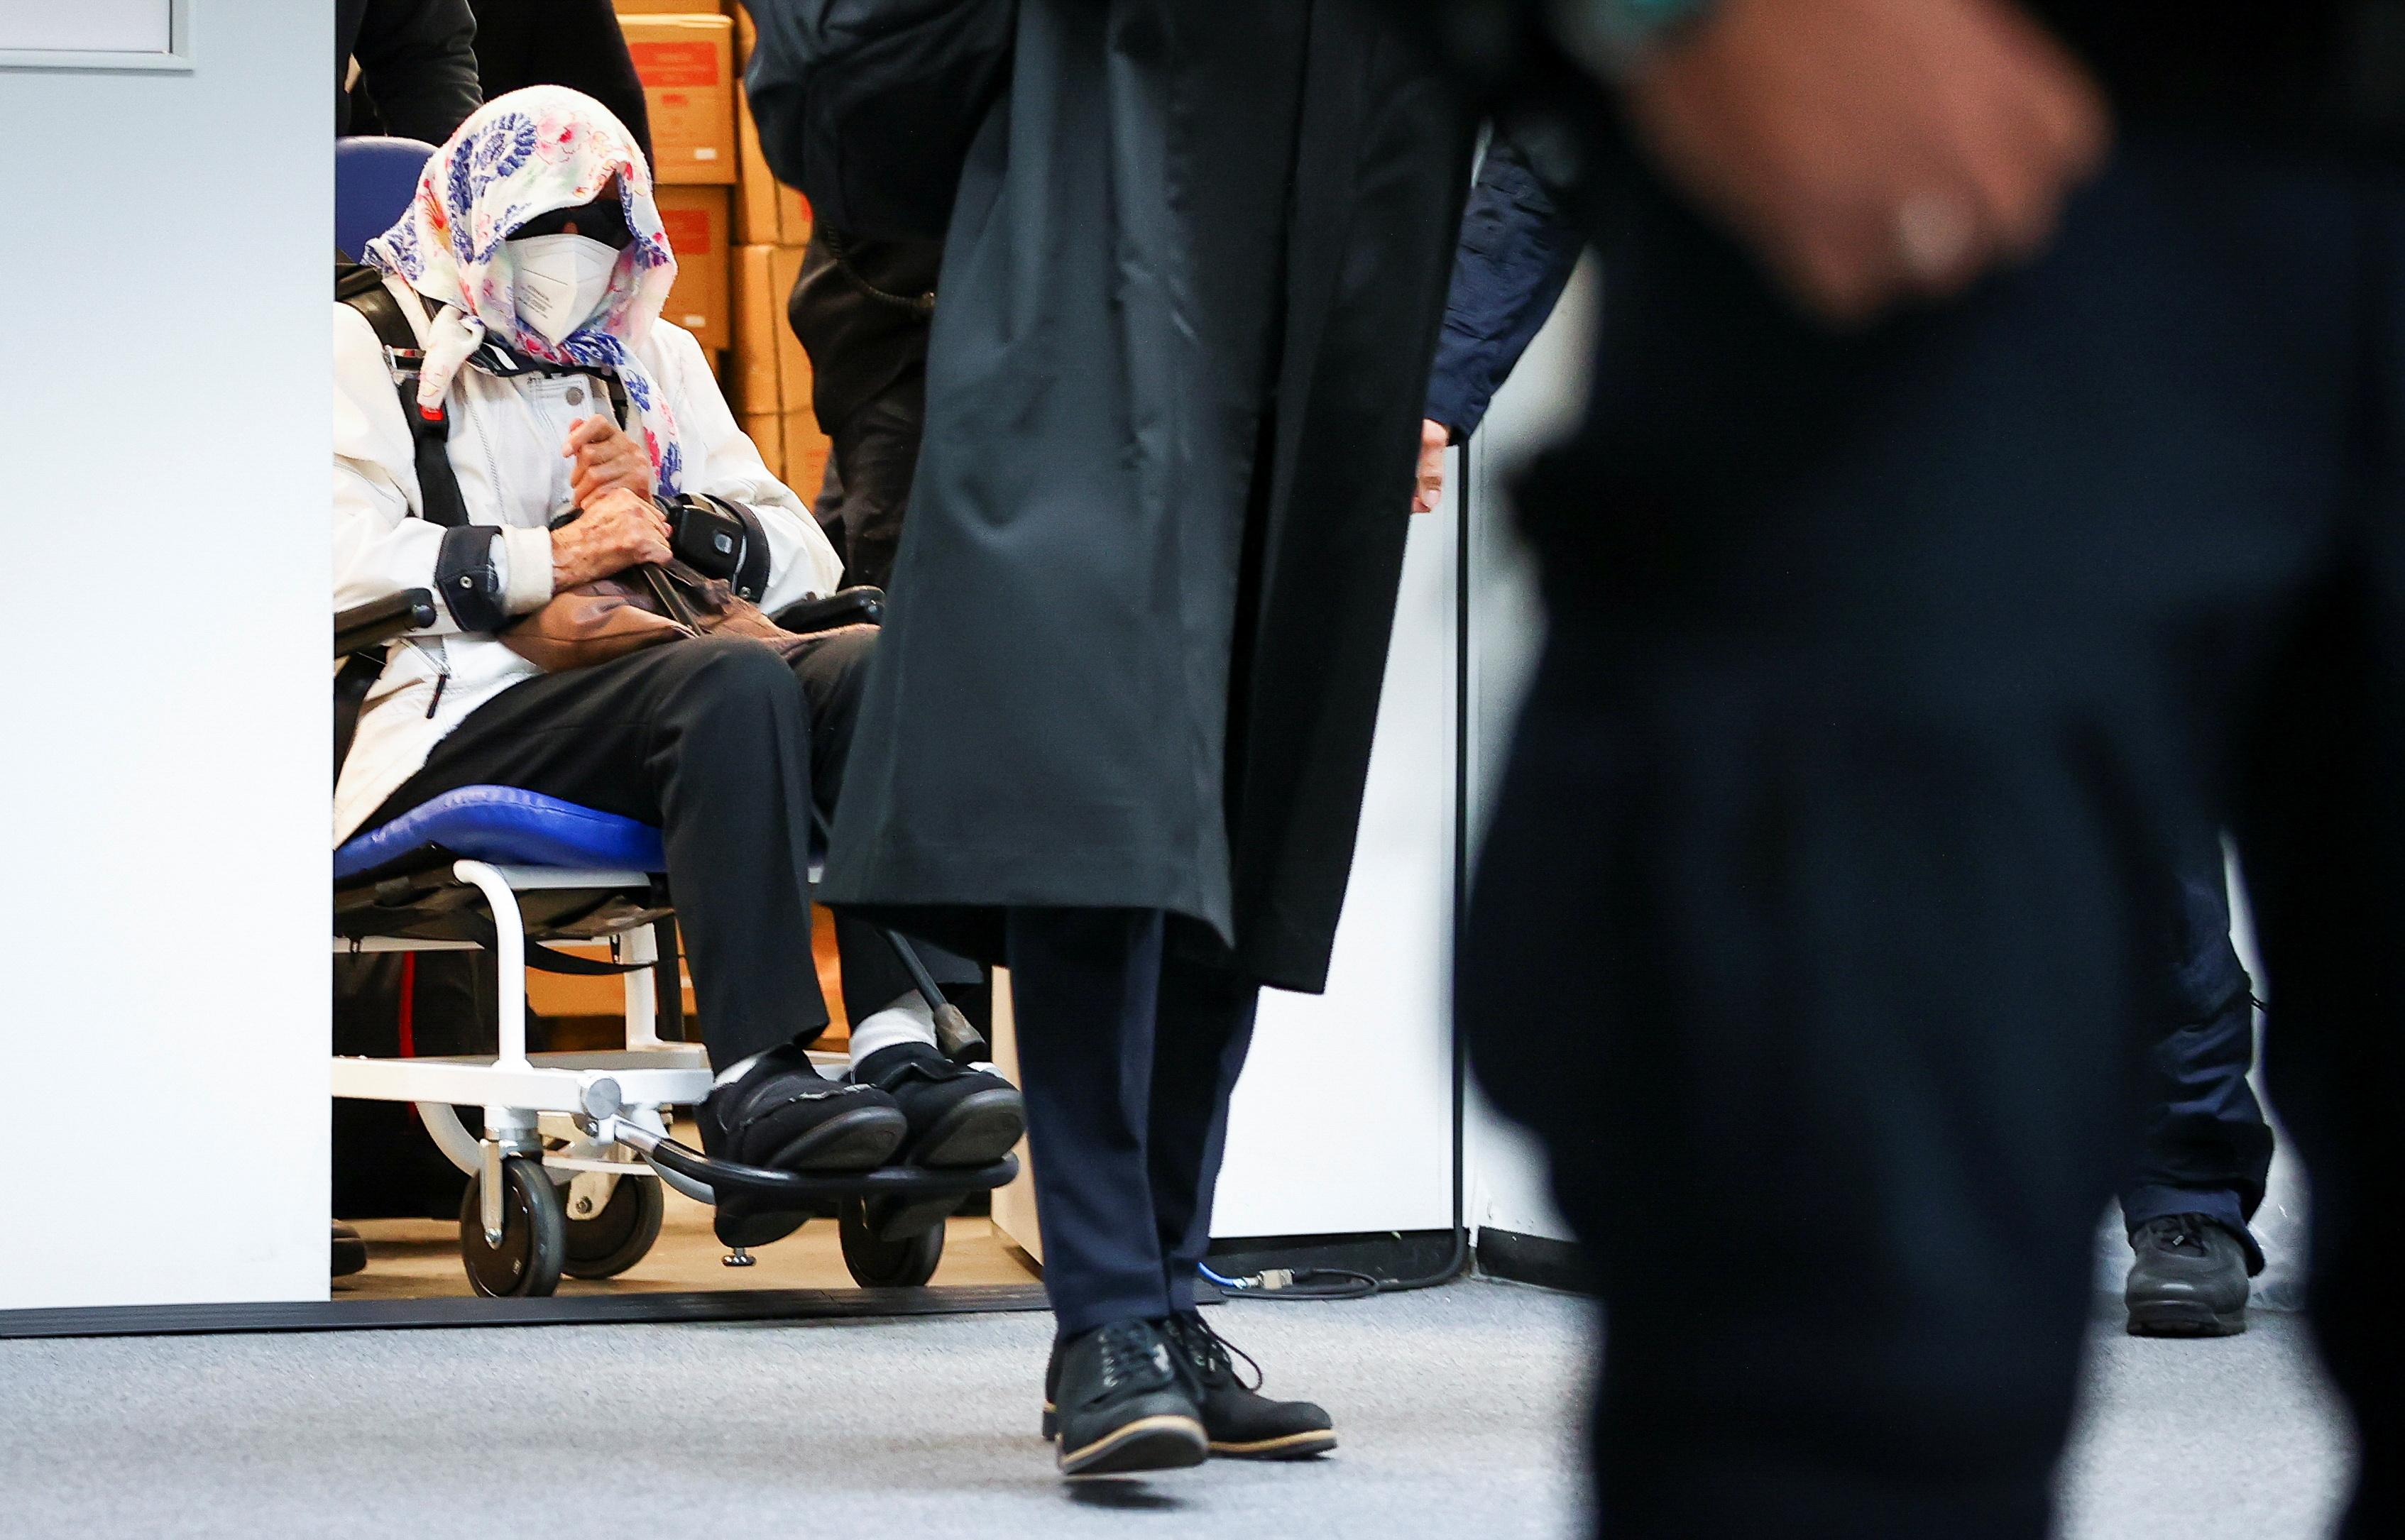 Irmgard Furchner, 'n 96-jarige voormalige sekretaris van die SS-bevelvoerder van die Stutthof-konsentrasiekamp, kom aan die begin van haar verhoor in 'n rolstoel in 'n hofsaal in Itzehoe, Duitsland, 19 Oktober 2021. Christian Charisius/Pool via REUTERS